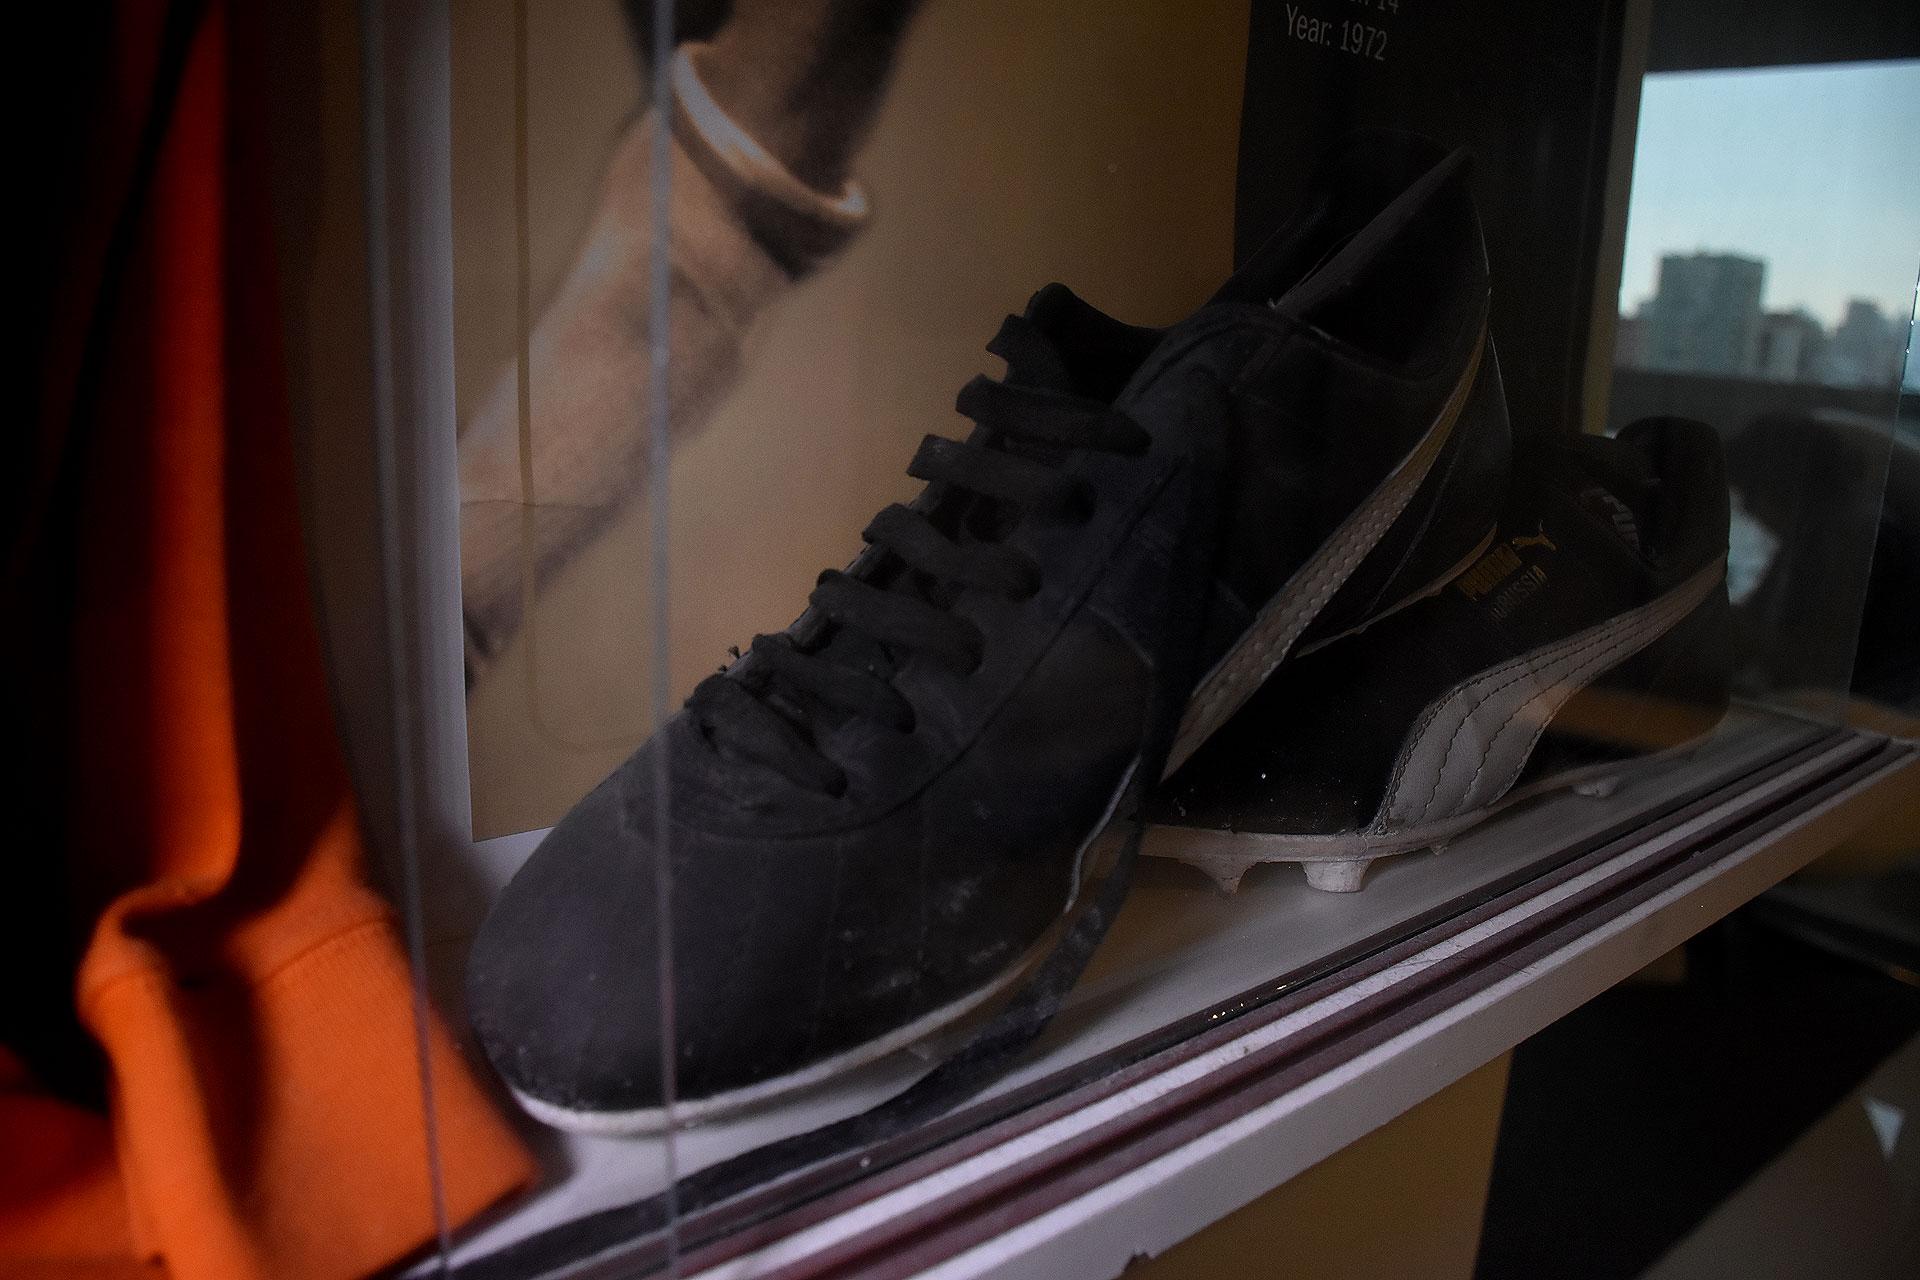 El calzado negro con tira blanca del holandés Cruyff (Nicolas Stulberg)